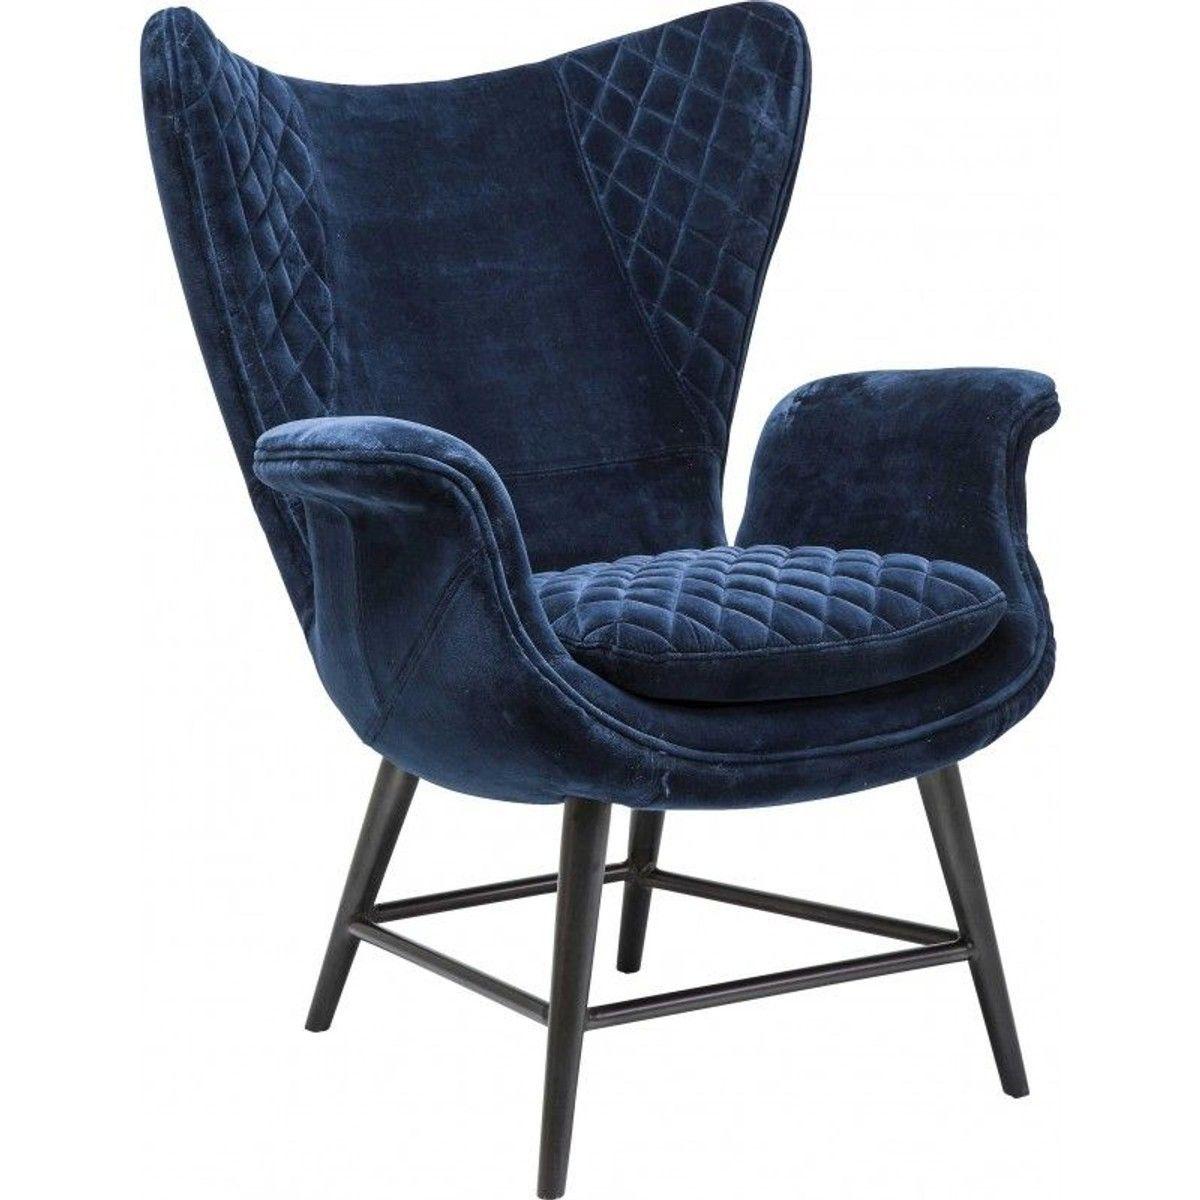 Fauteuil Tudor Velours Bleu Kare Design Taille : 1 Place